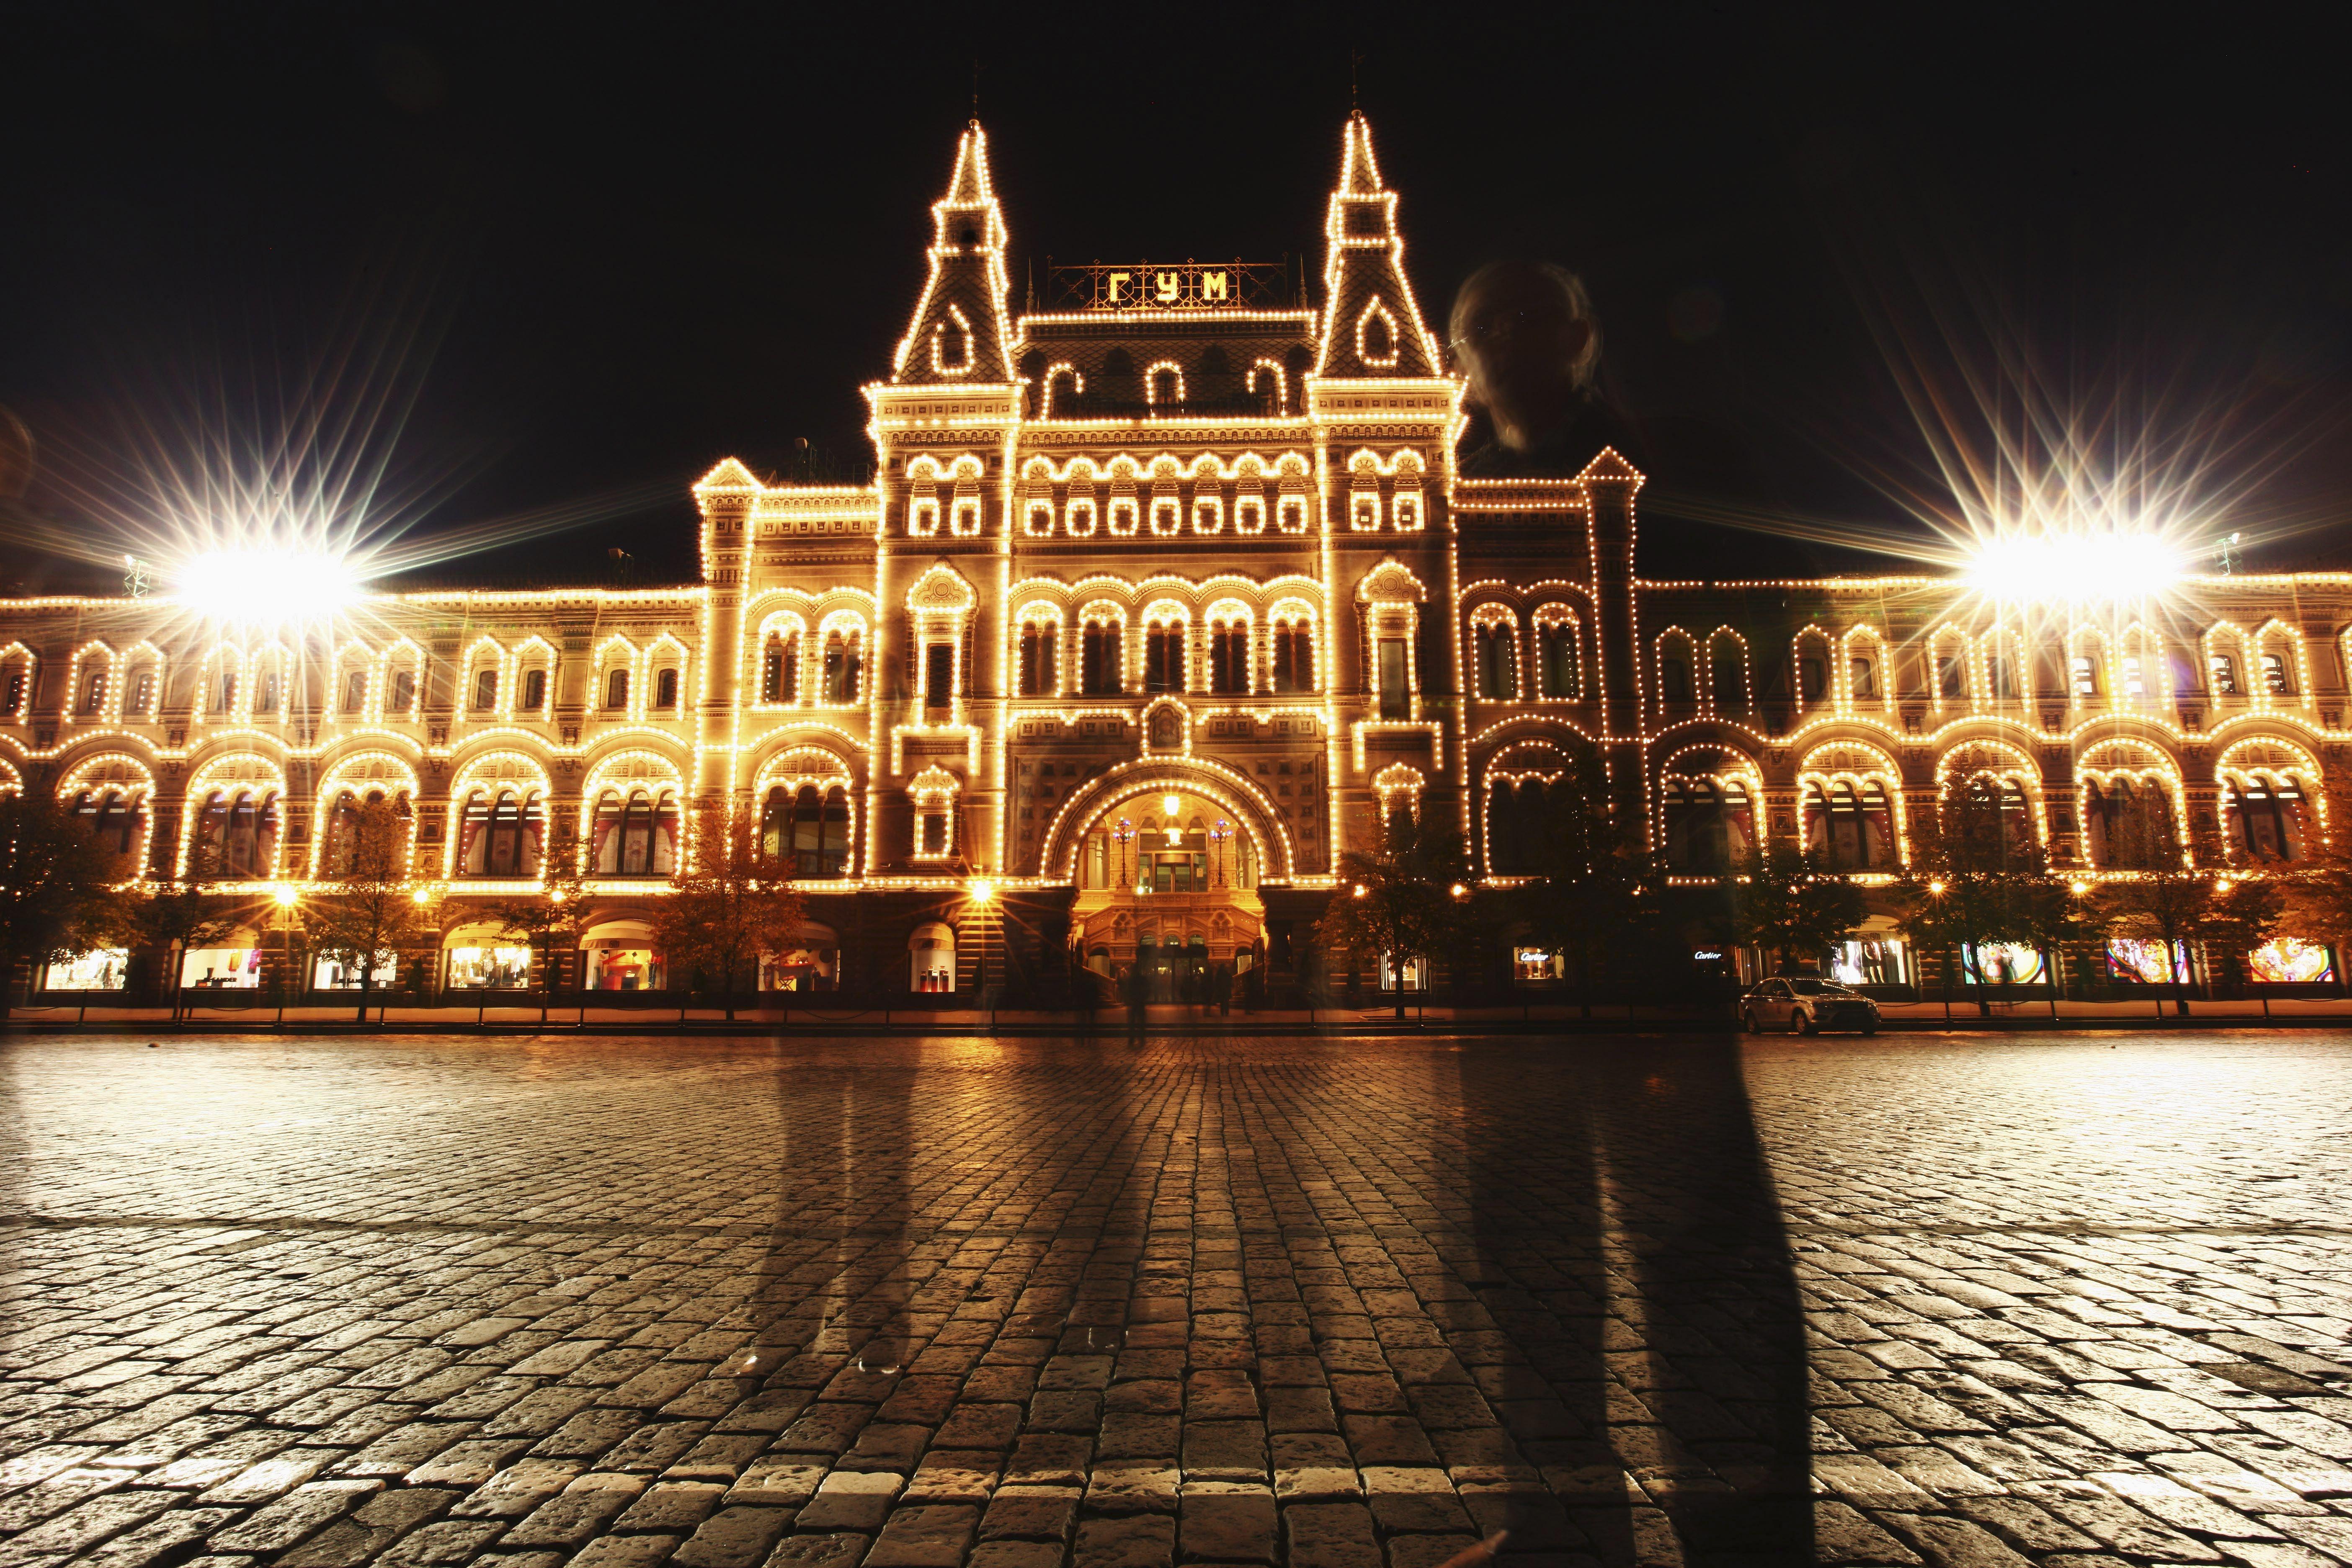 GUM in Russia